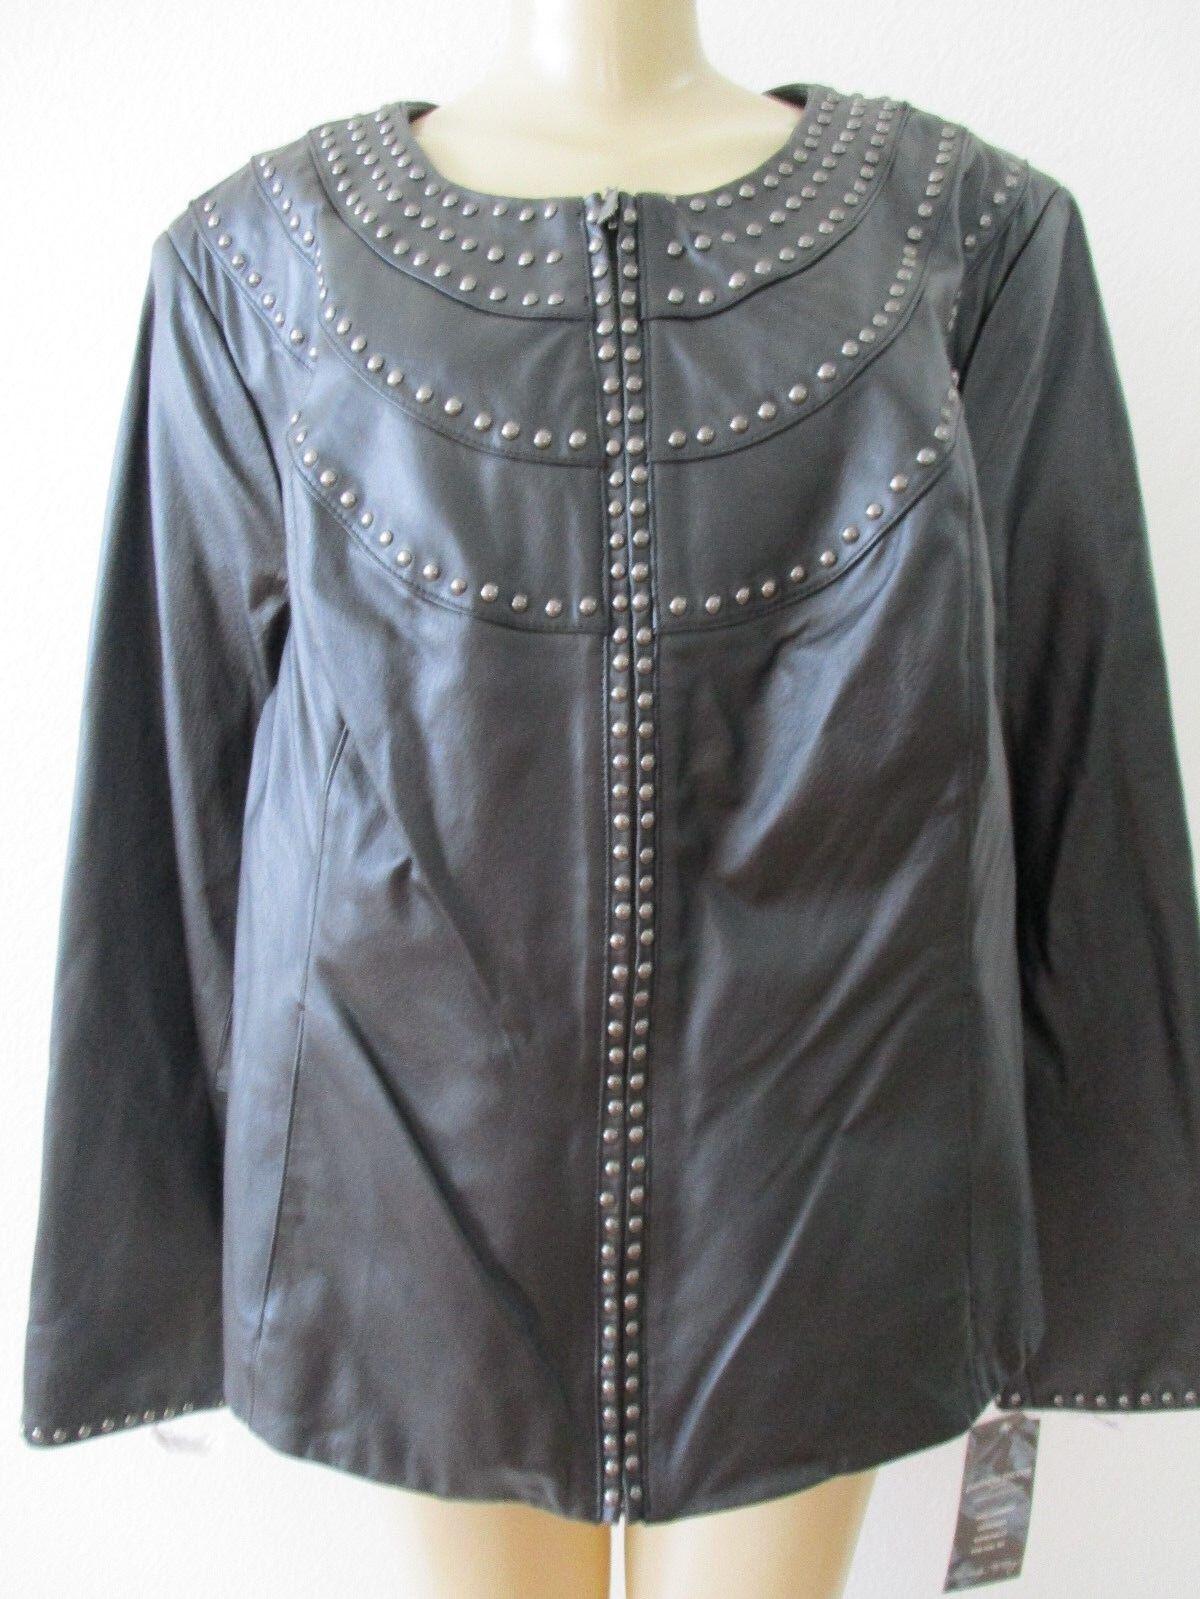 Pamela  Mccoy Negro Con Tachas 100% cuero chaqueta de manga larga talla 2X-Nuevo Con Etiquetas  249  tienda de ventas outlet